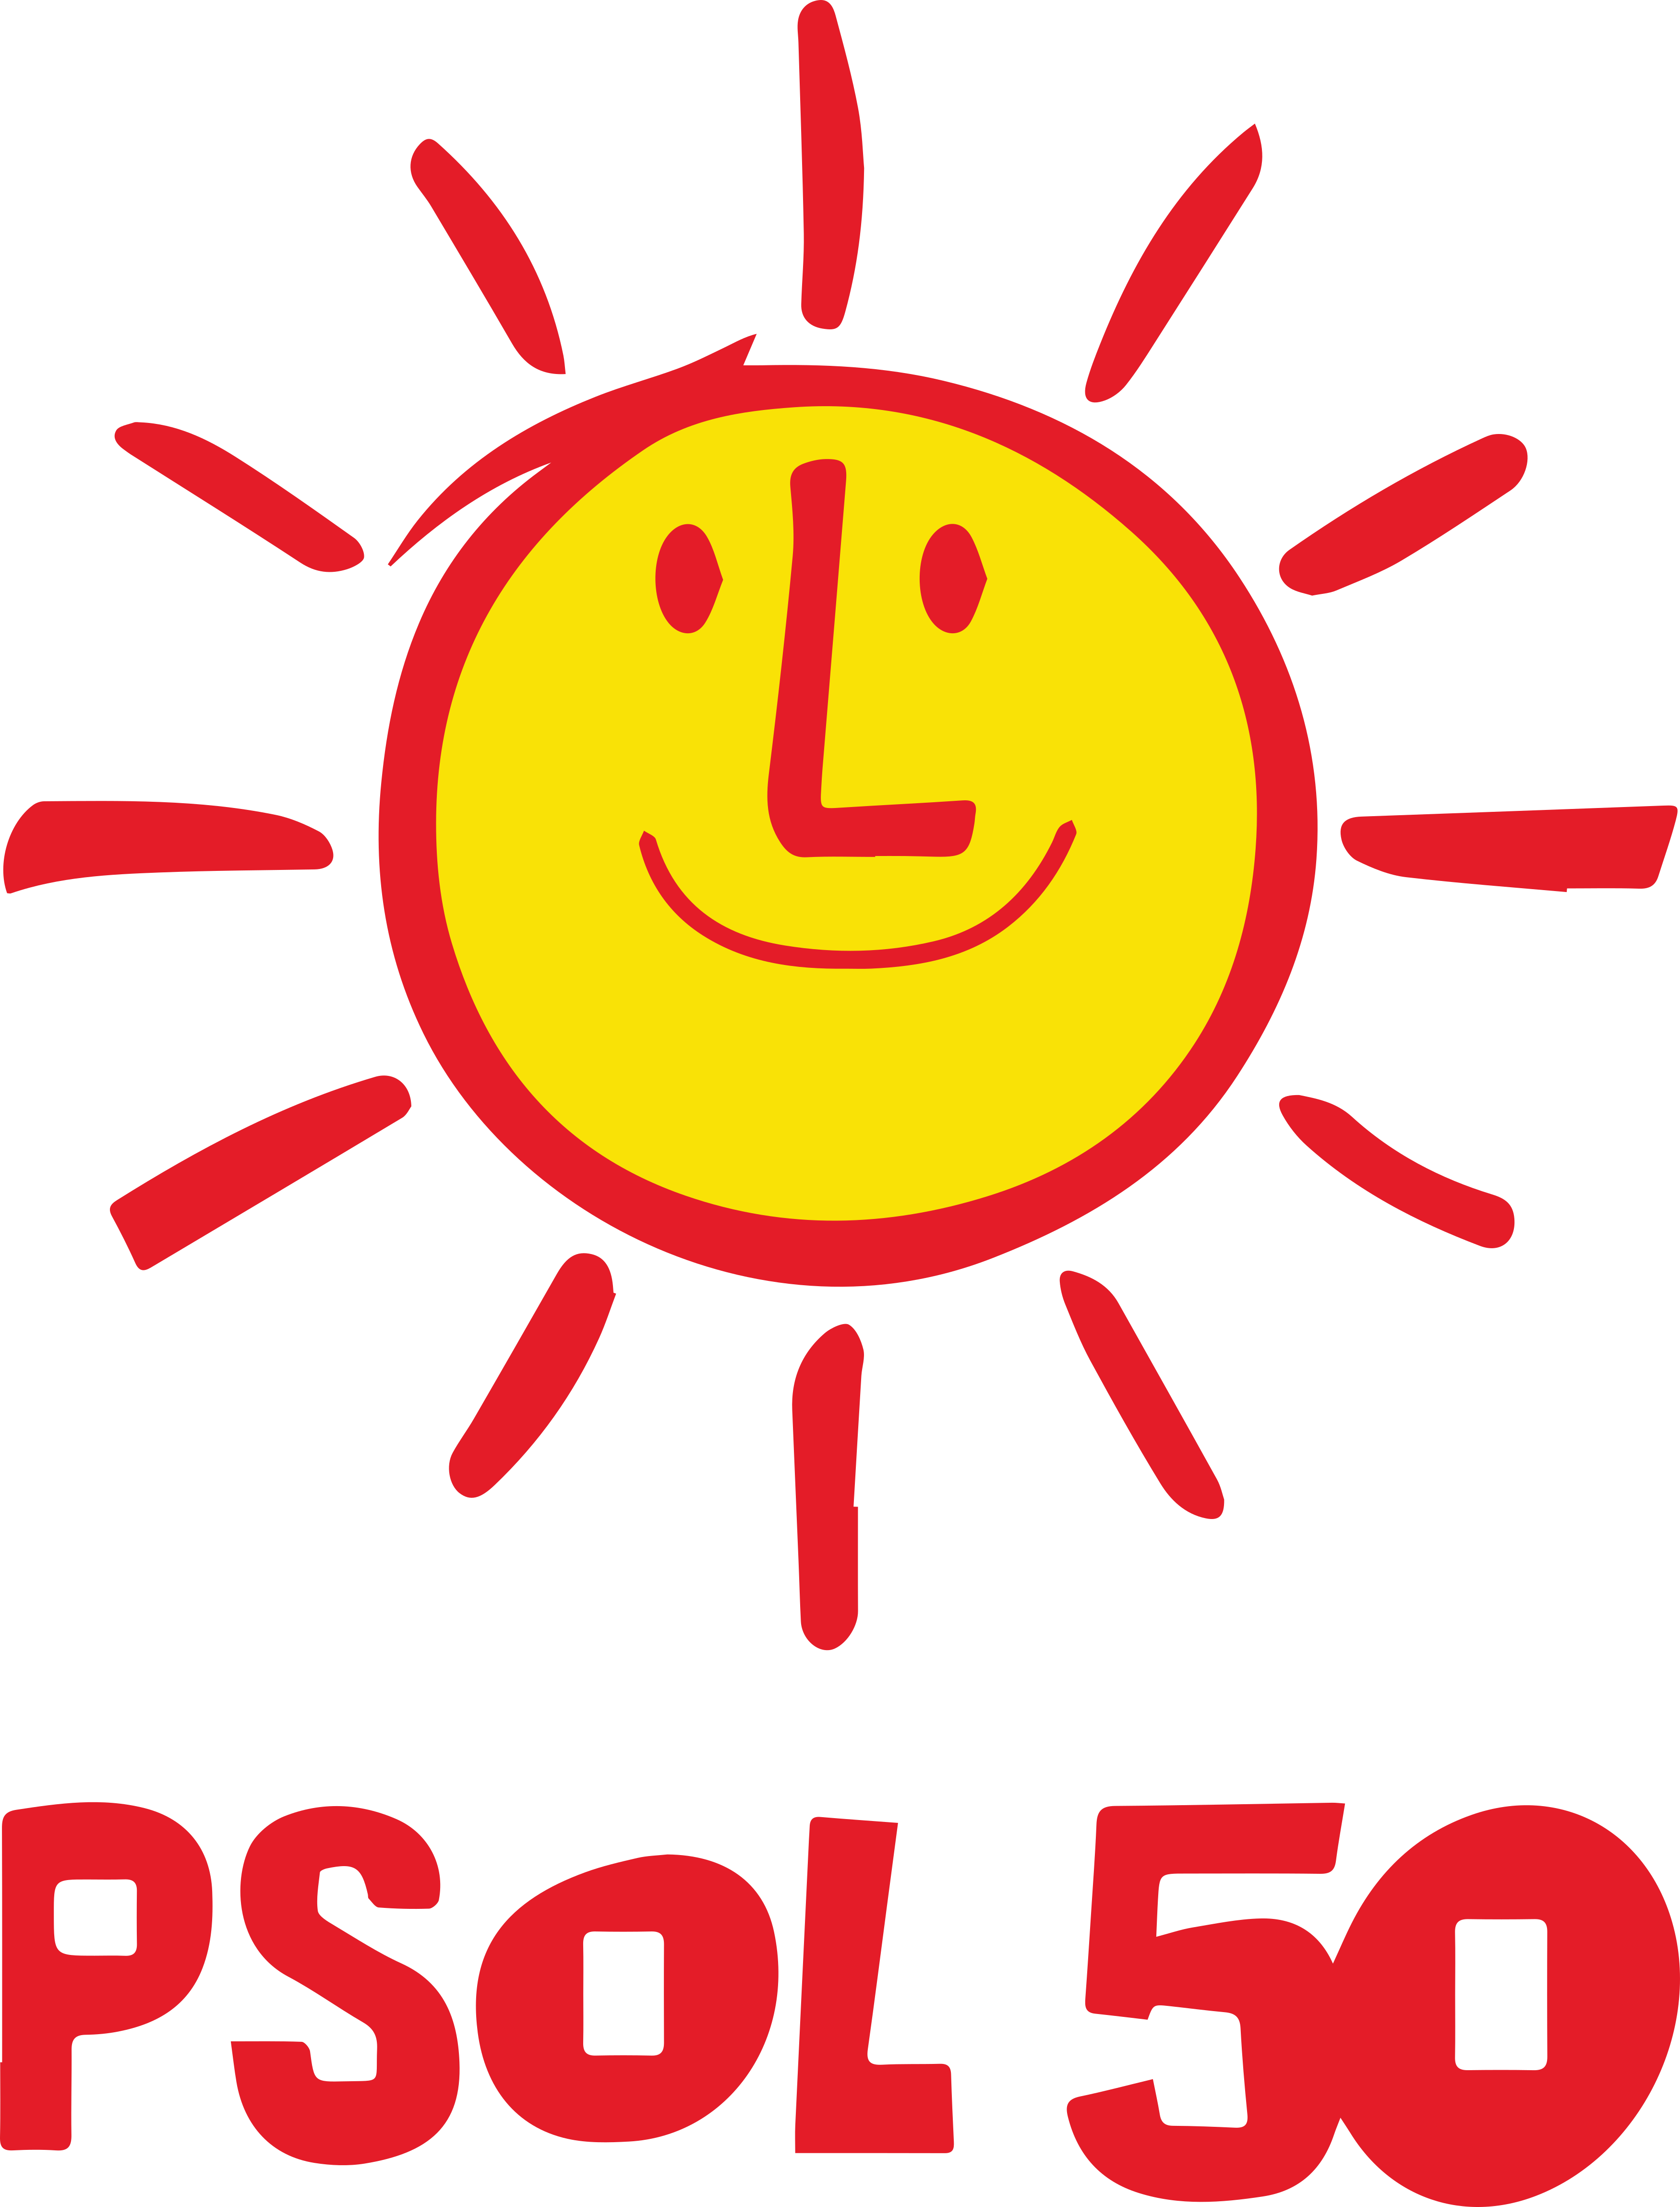 psol logo 2 - Psol Logo - Partido Socialismo e Liberdade Logo